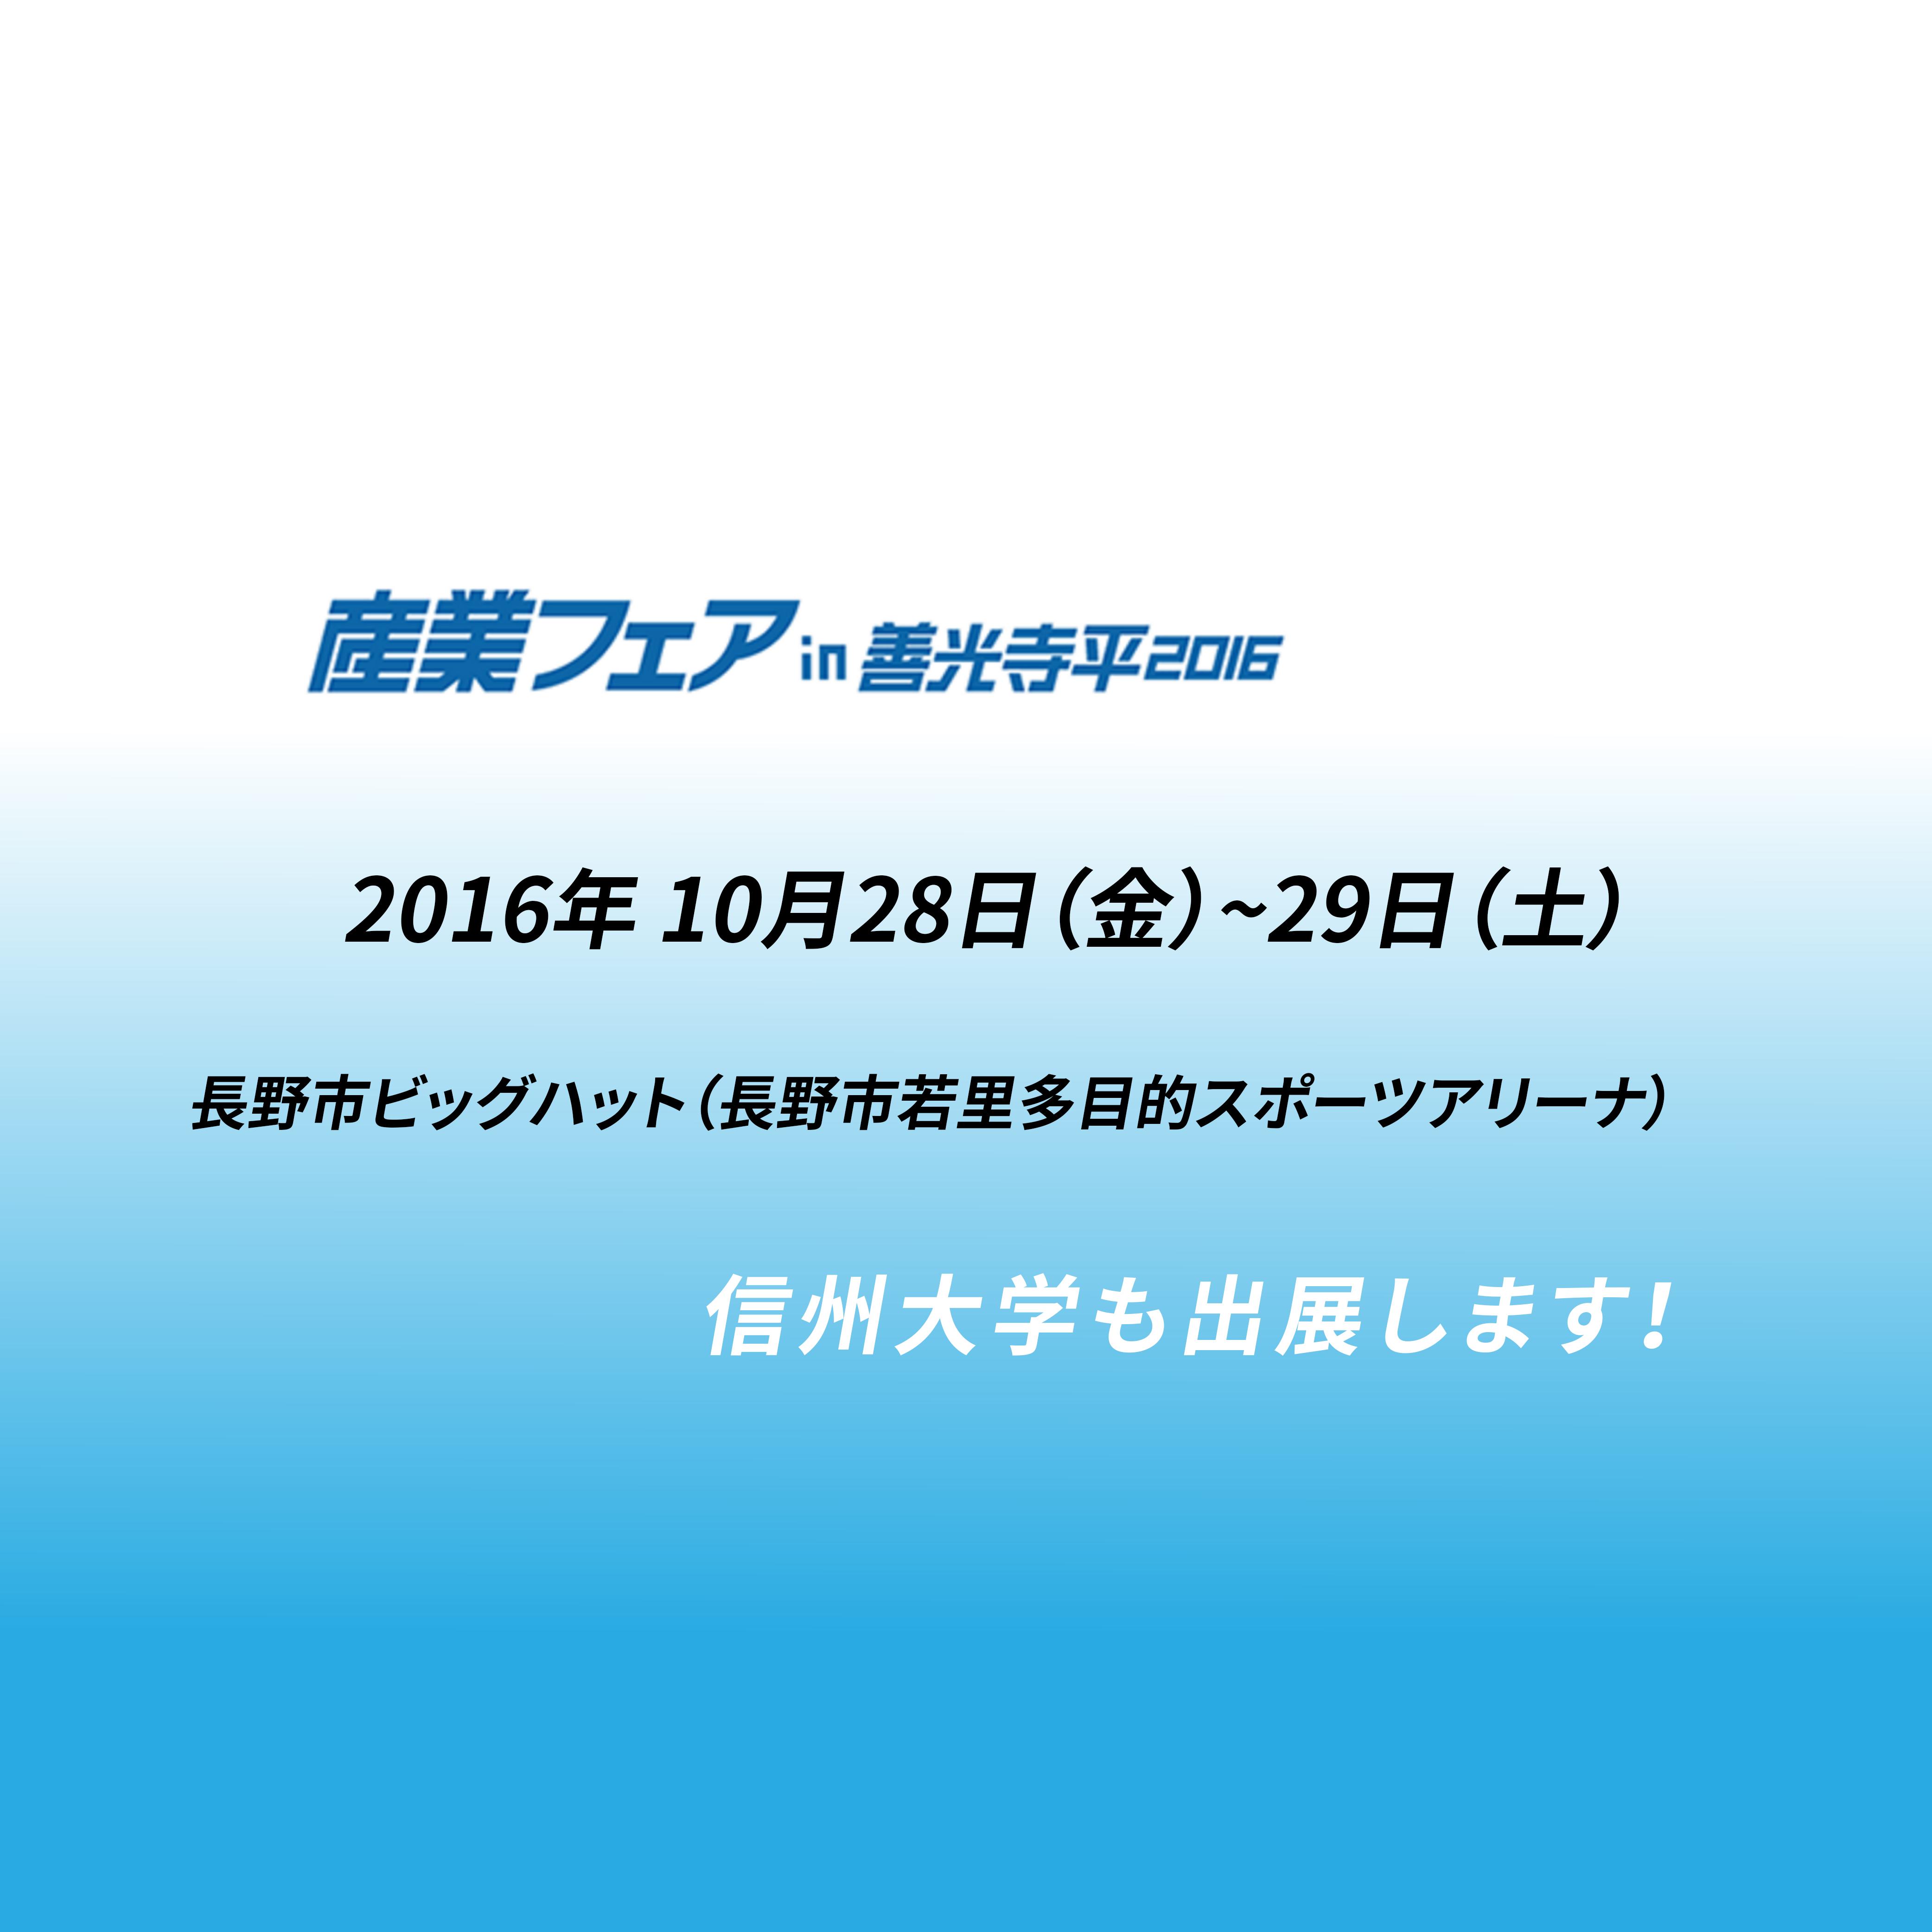 アイキャッチ画像:【イベント告知】産業フェアin善光寺平2016